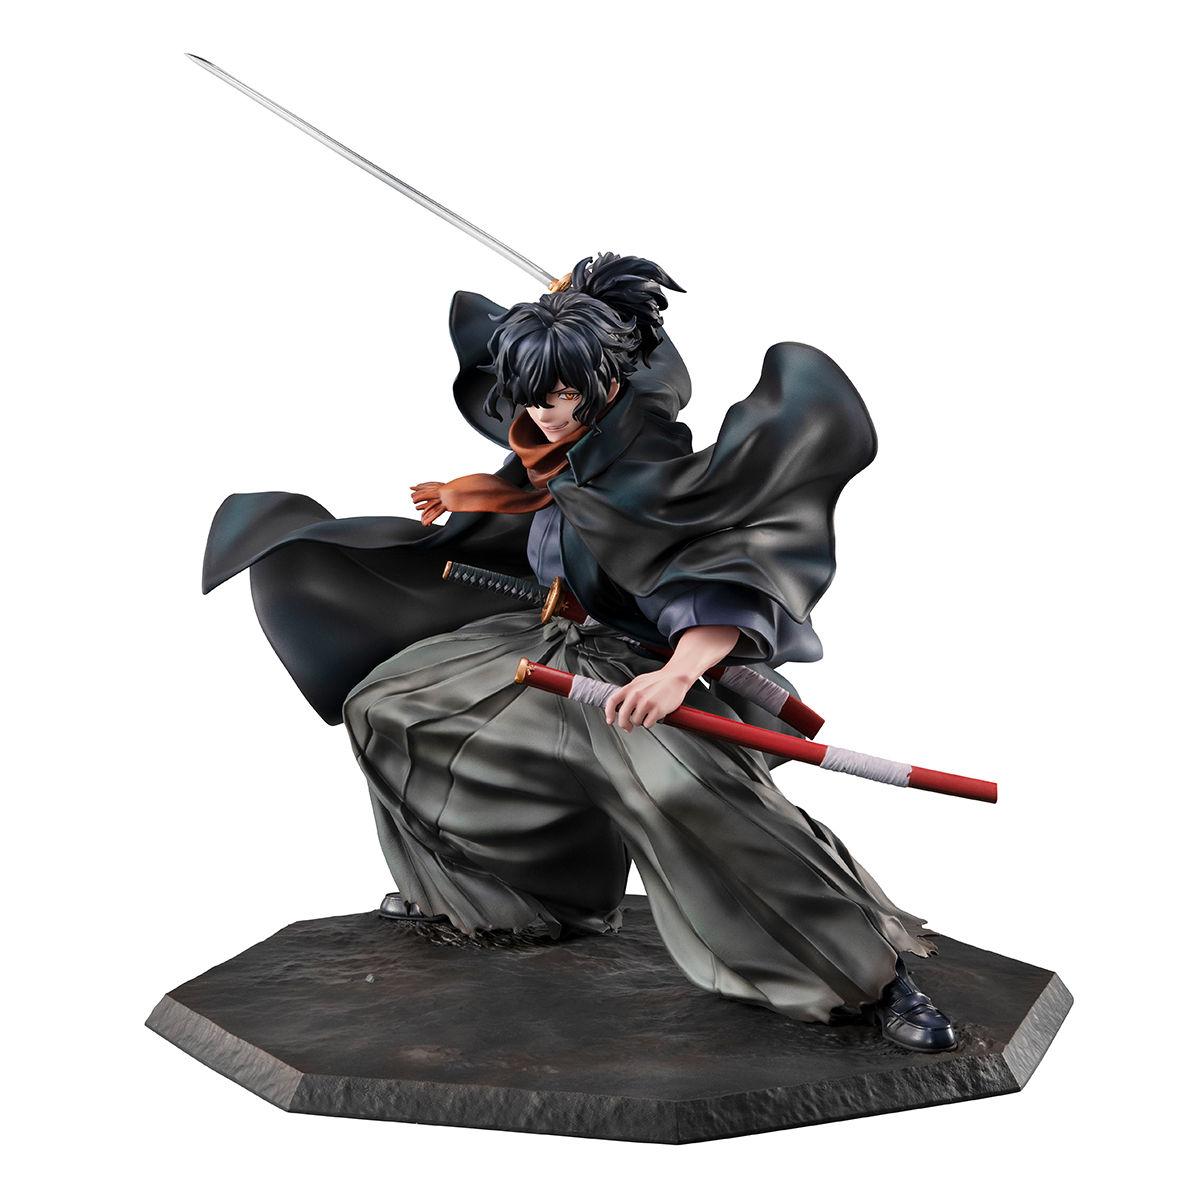 【限定販売】Fate/Grand Order『アサシン/岡田以蔵』1/8 完成品フィギュア-002